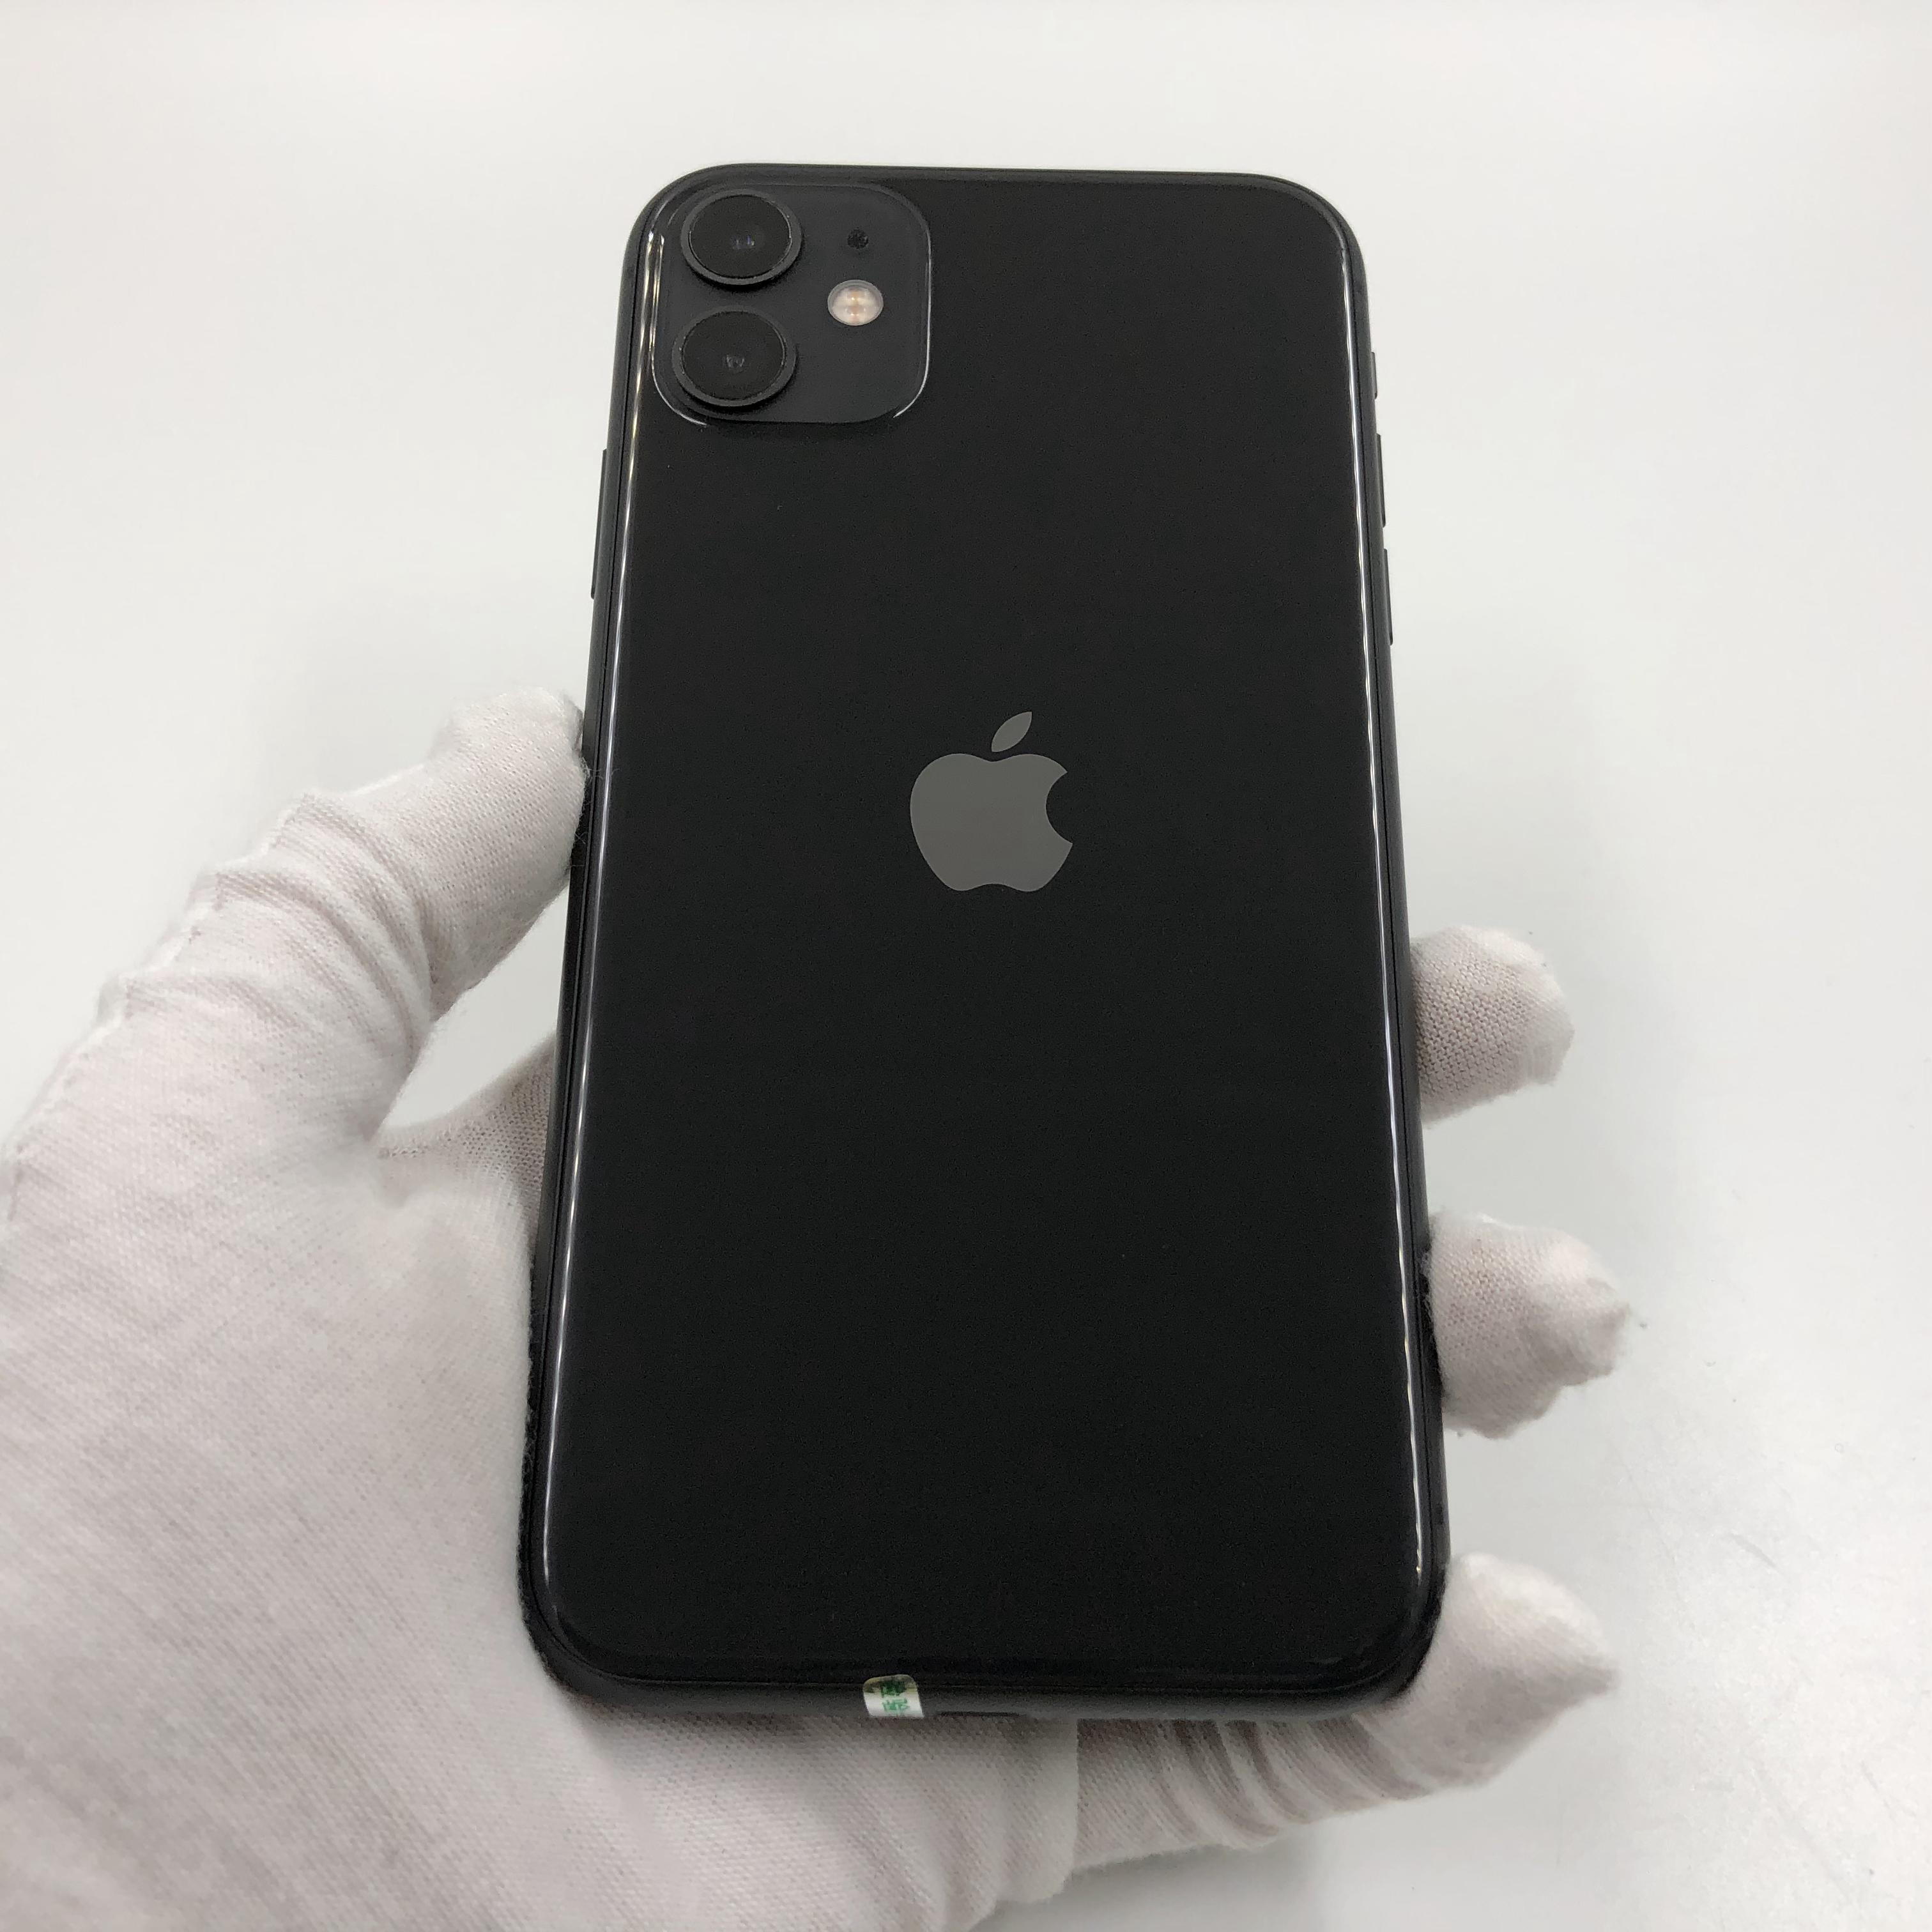 苹果【iPhone 11】4G全网通 黑色 64G 国行 95新 真机实拍